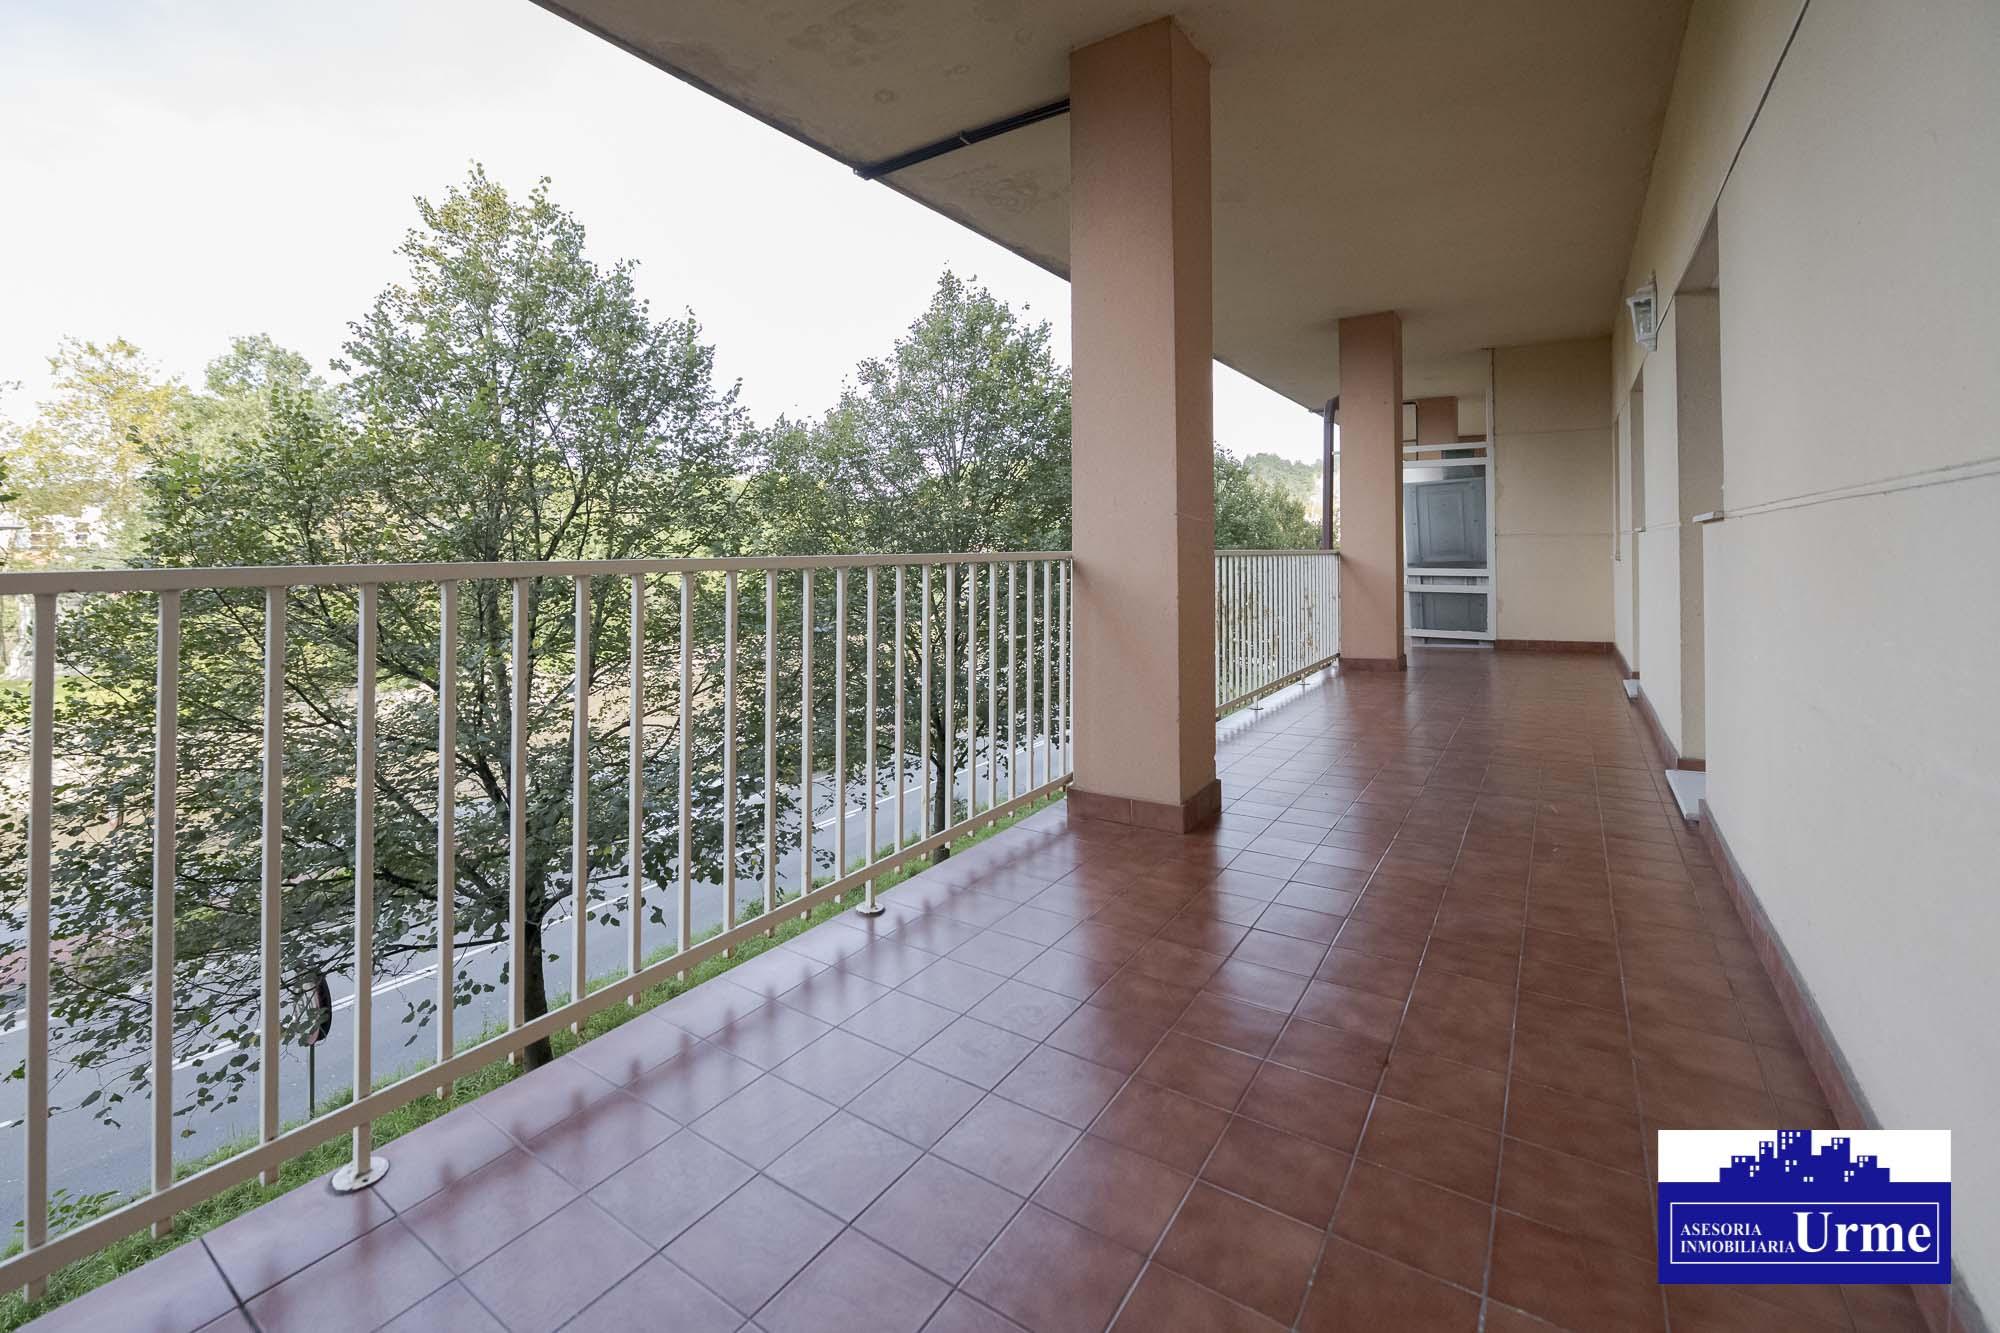 Vivienda en planta baja con entrada independiente y terraza de 23m2 con vistas de pejadas,83m2 útiles,2 habitaciones, gran salon,garaje cerrado incluido precio!